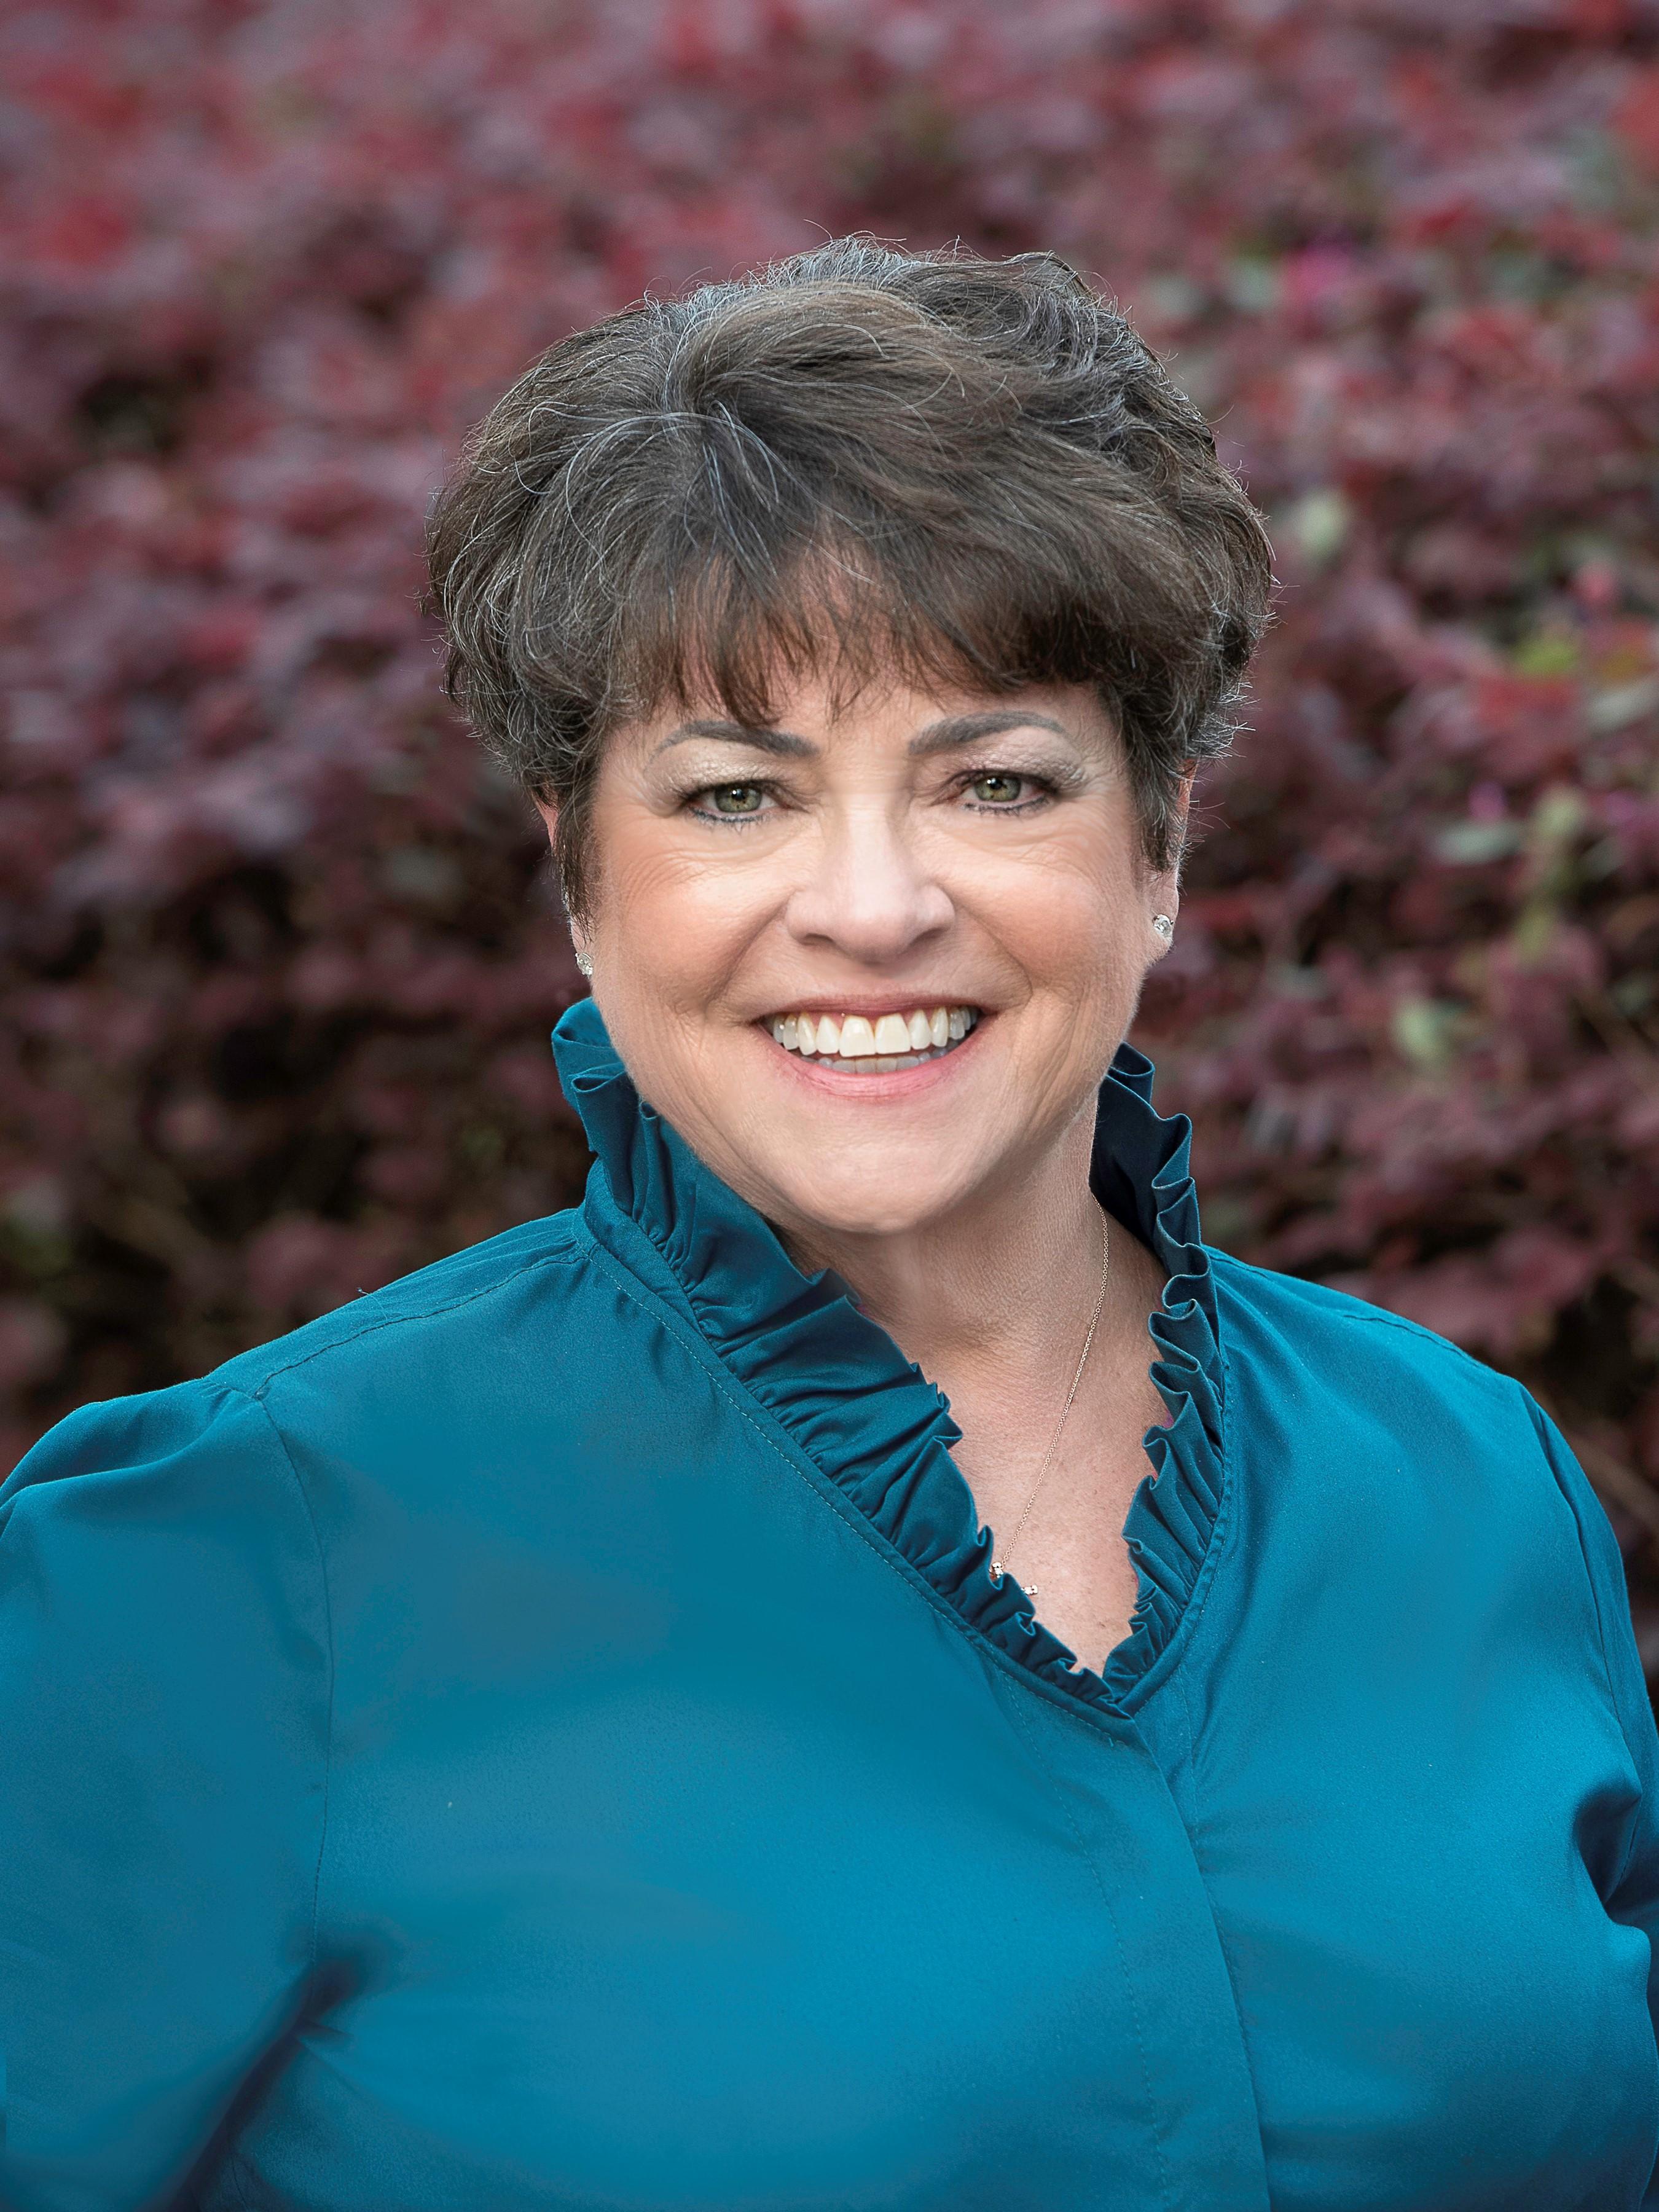 Carol C. Knott Tefft